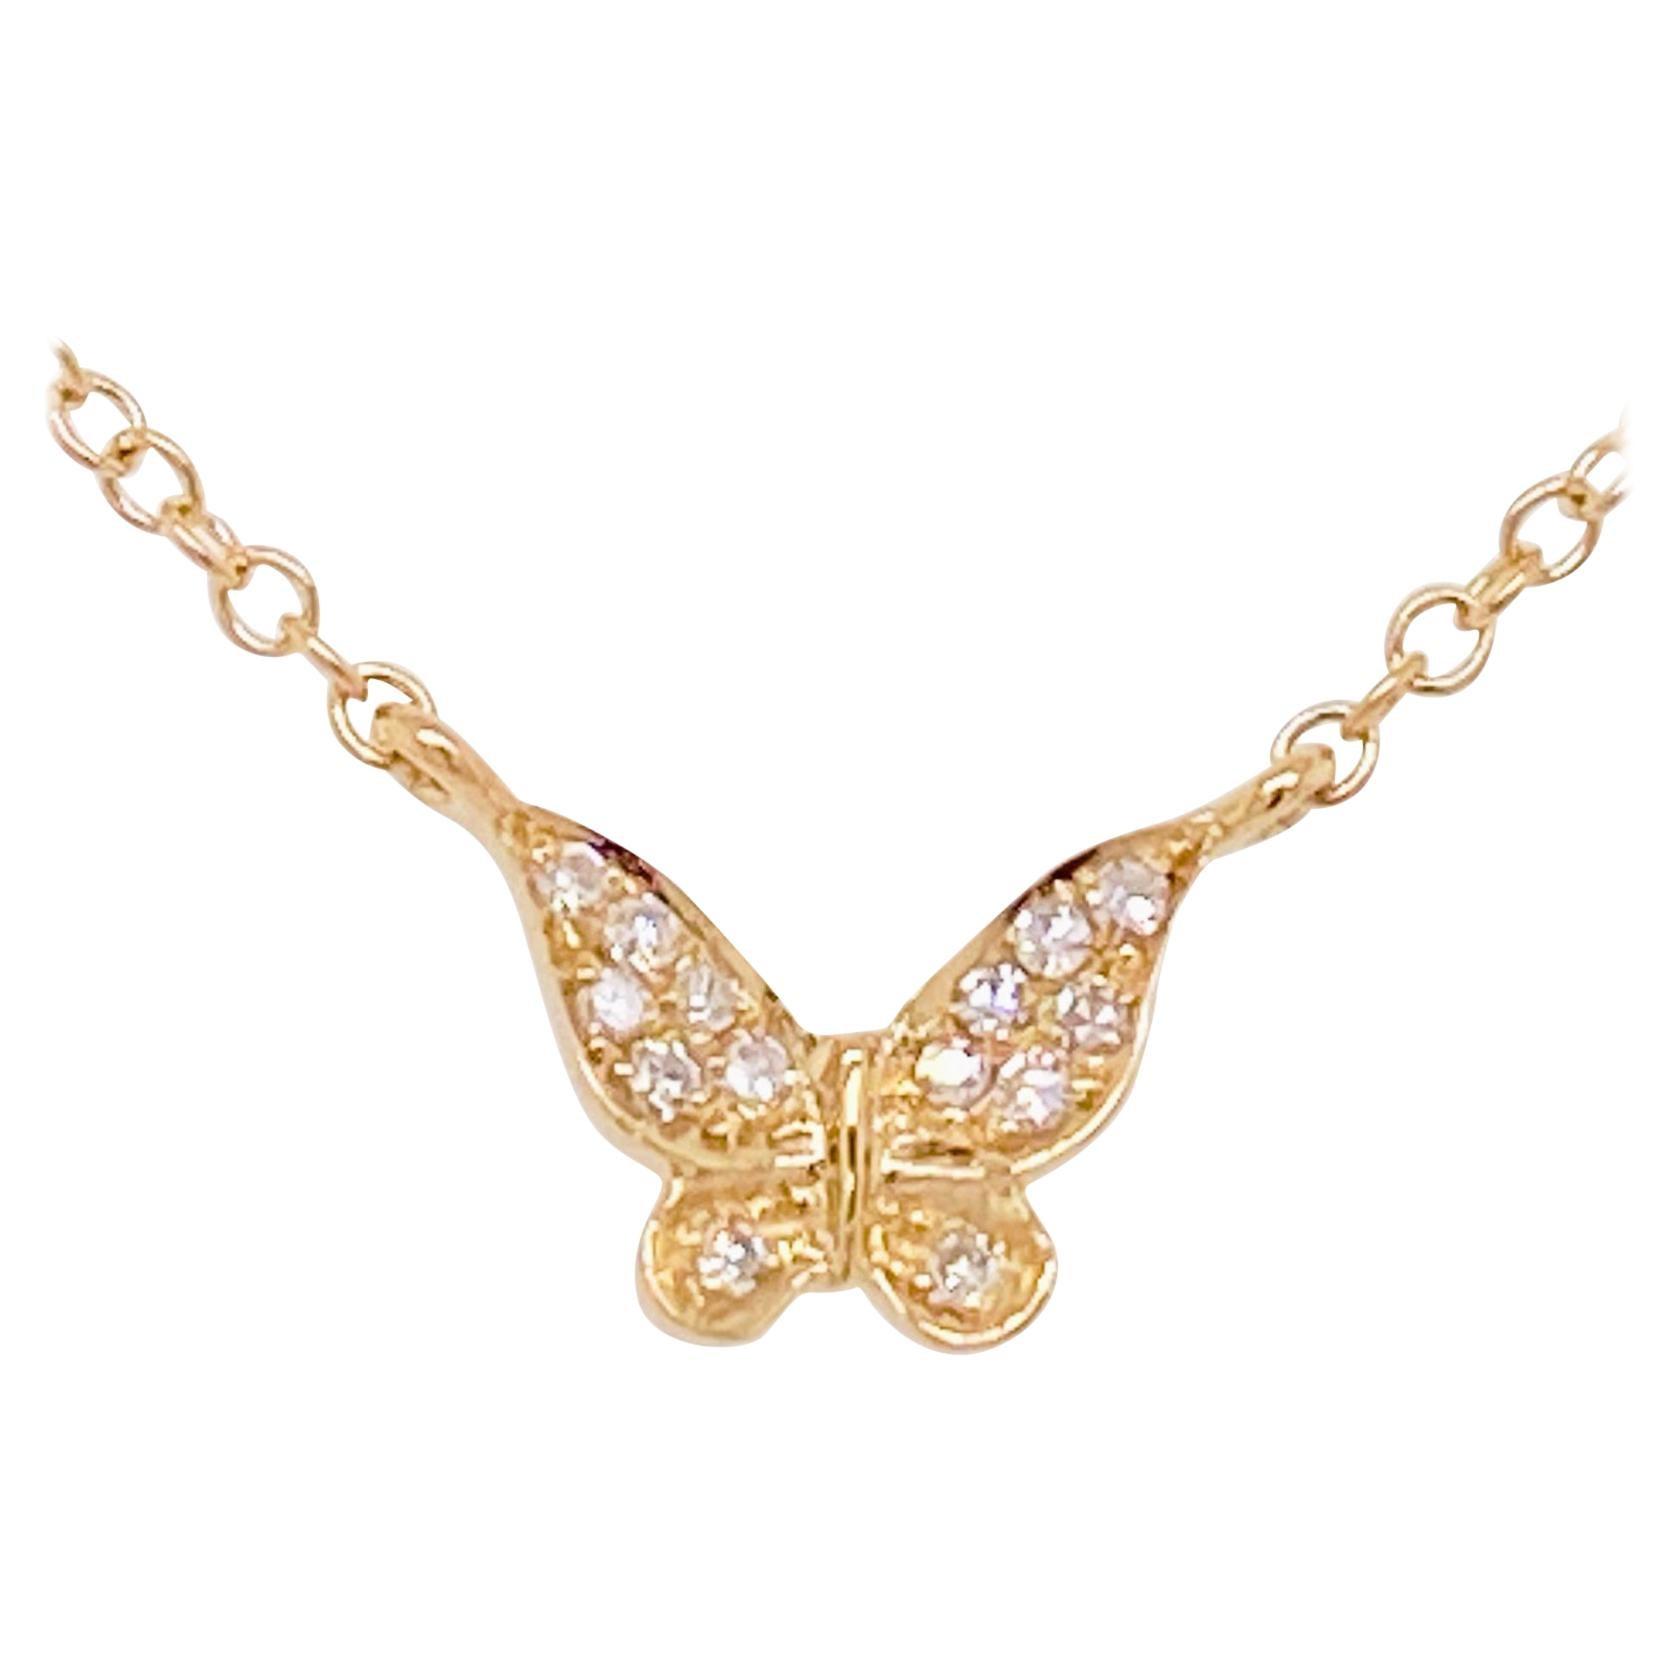 Diamond Butterfly Necklace, Minimalist Pave Butterfly Pendant, Adjustable, Gold